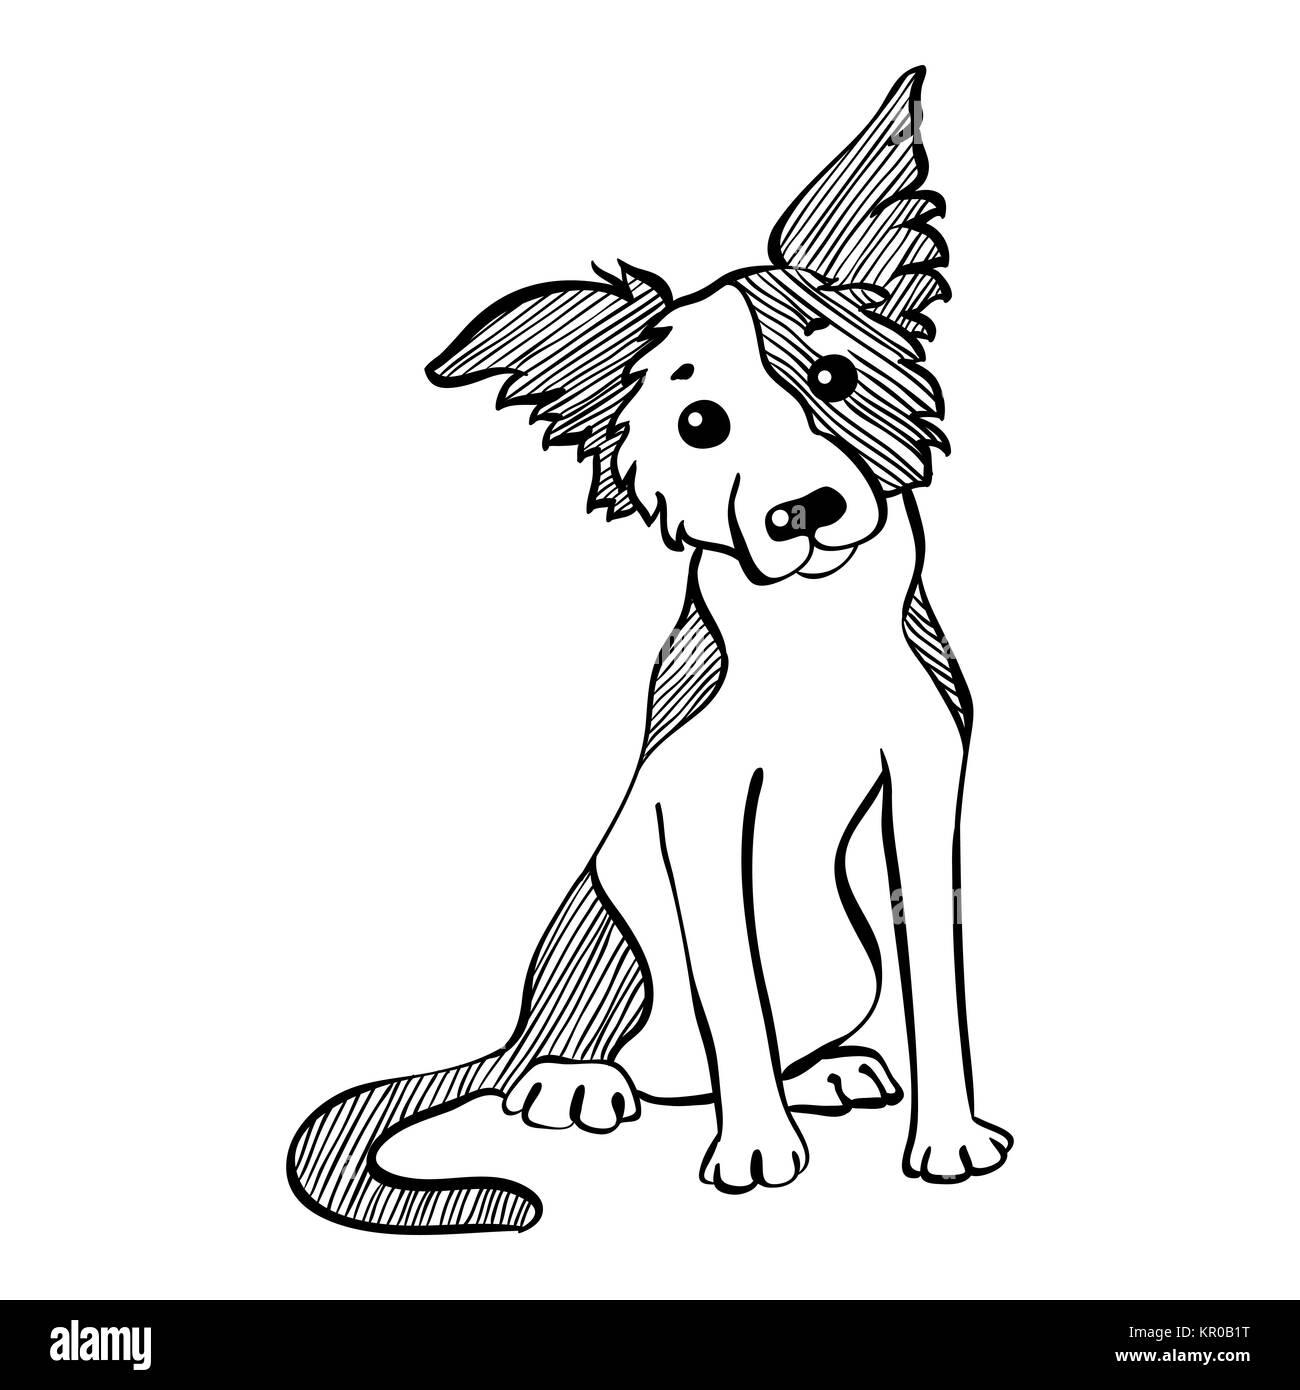 Cartoon Sitting Dog Collar Pet Stock Photos & Cartoon ...